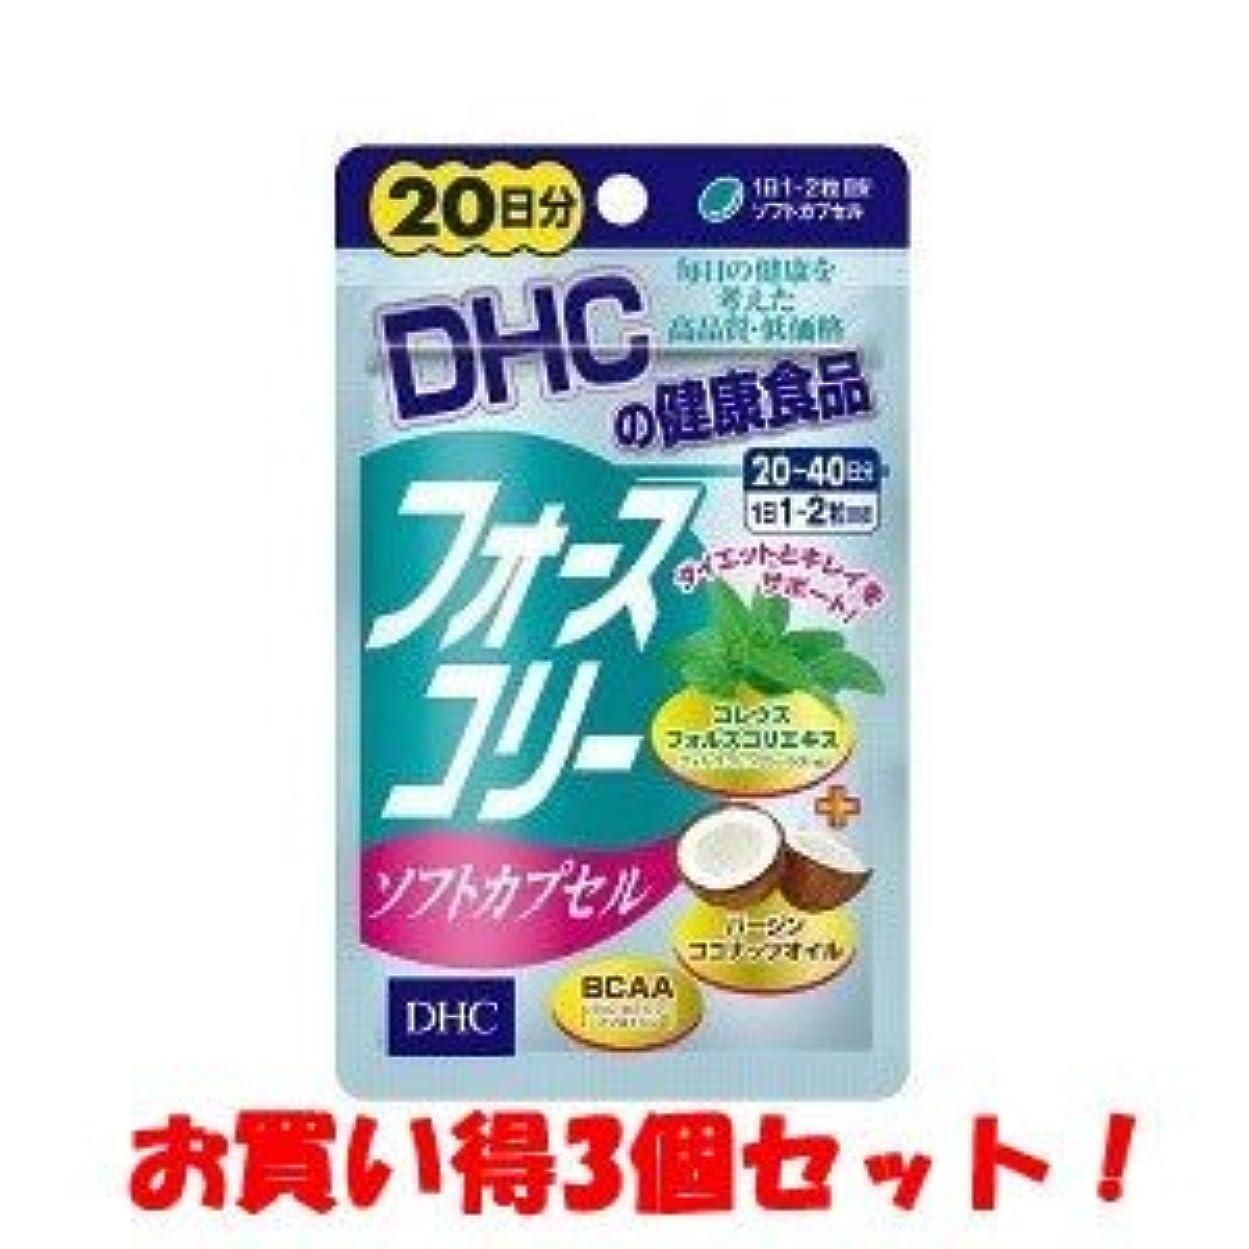 組み合わせるコインちょうつがい(2017年春の新商品)DHC フォースコリー ソフトカプセル 20日分 40粒(お買い得3個セット)